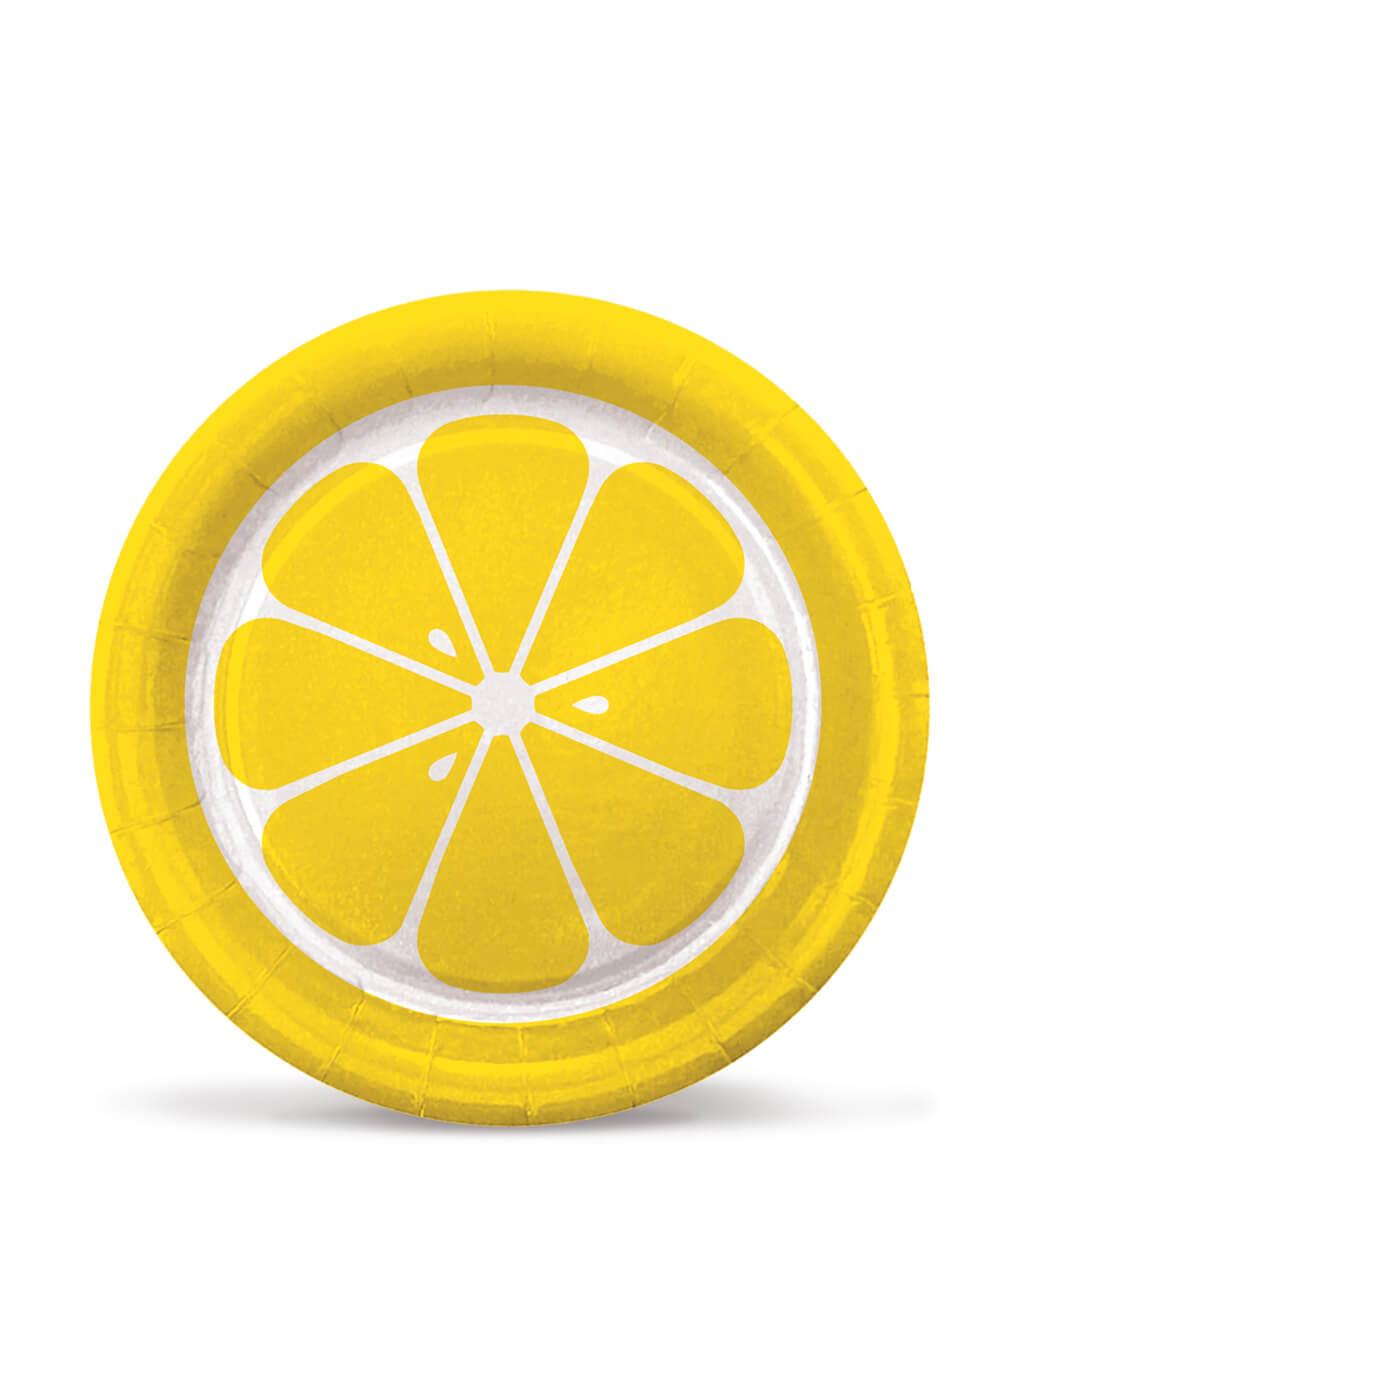 Imagen de producto: https://tienda.postreadiccion.com/img/articulos/secundarias12985-8-platos-surtidos-de-fruta-2.jpg